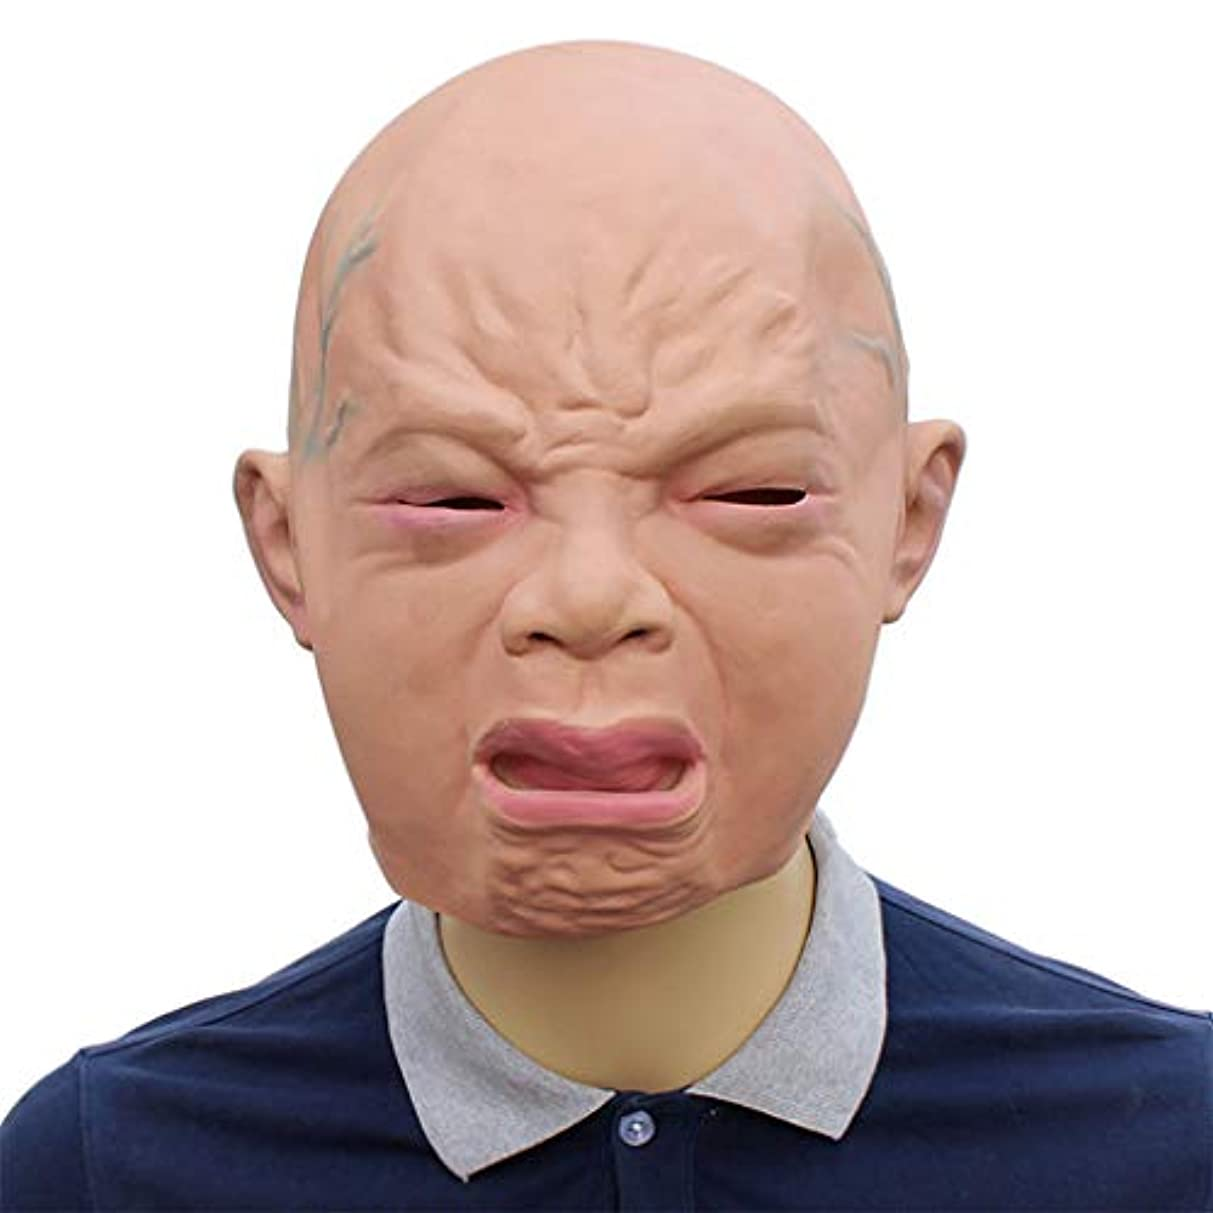 数値墓地オーナメントハロウィンマスク、キャラクターマスク、ノベルティファニーラテックスリアルな泣き虫ベビーギア、ハロウィンイースターコスチュームコスプレ用